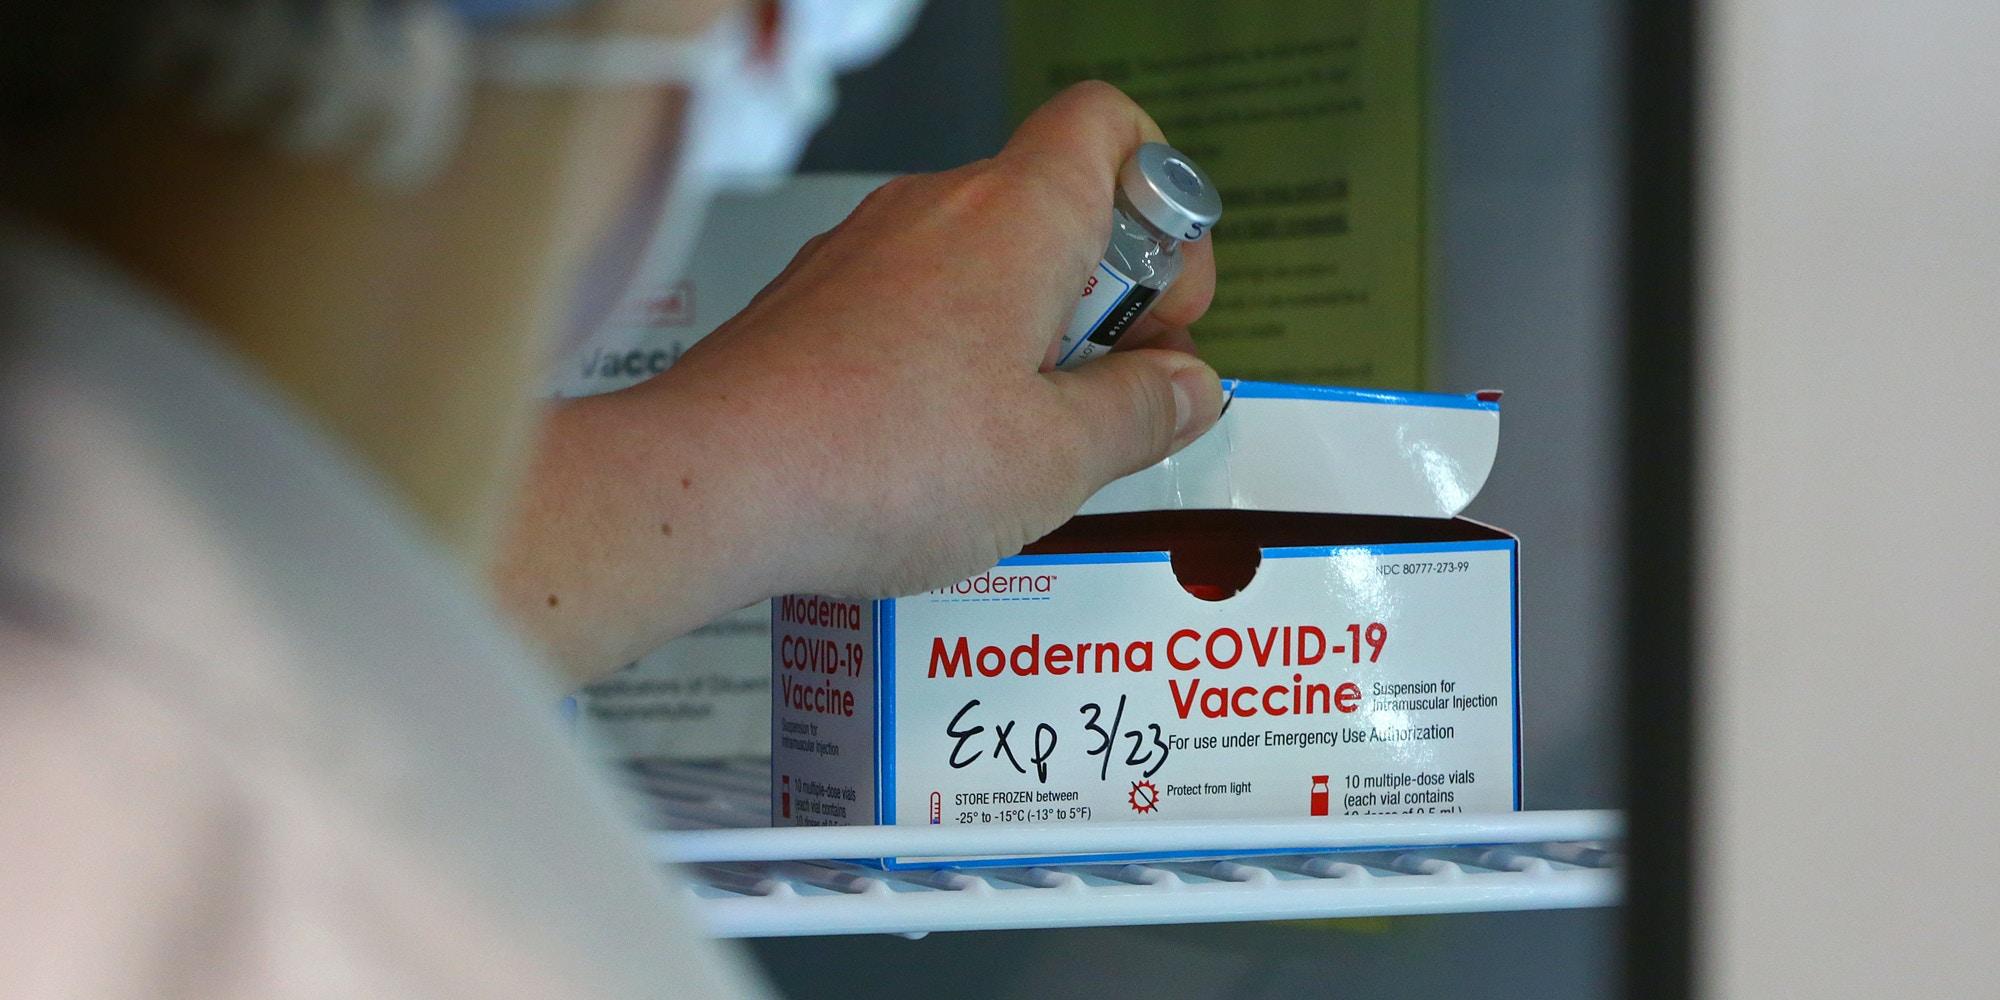 El médico devuelve una dosis de la vacuna Moderna COVID-19 a un refrigerador en Central Falls, RI, el 1 de marzo de 2021.